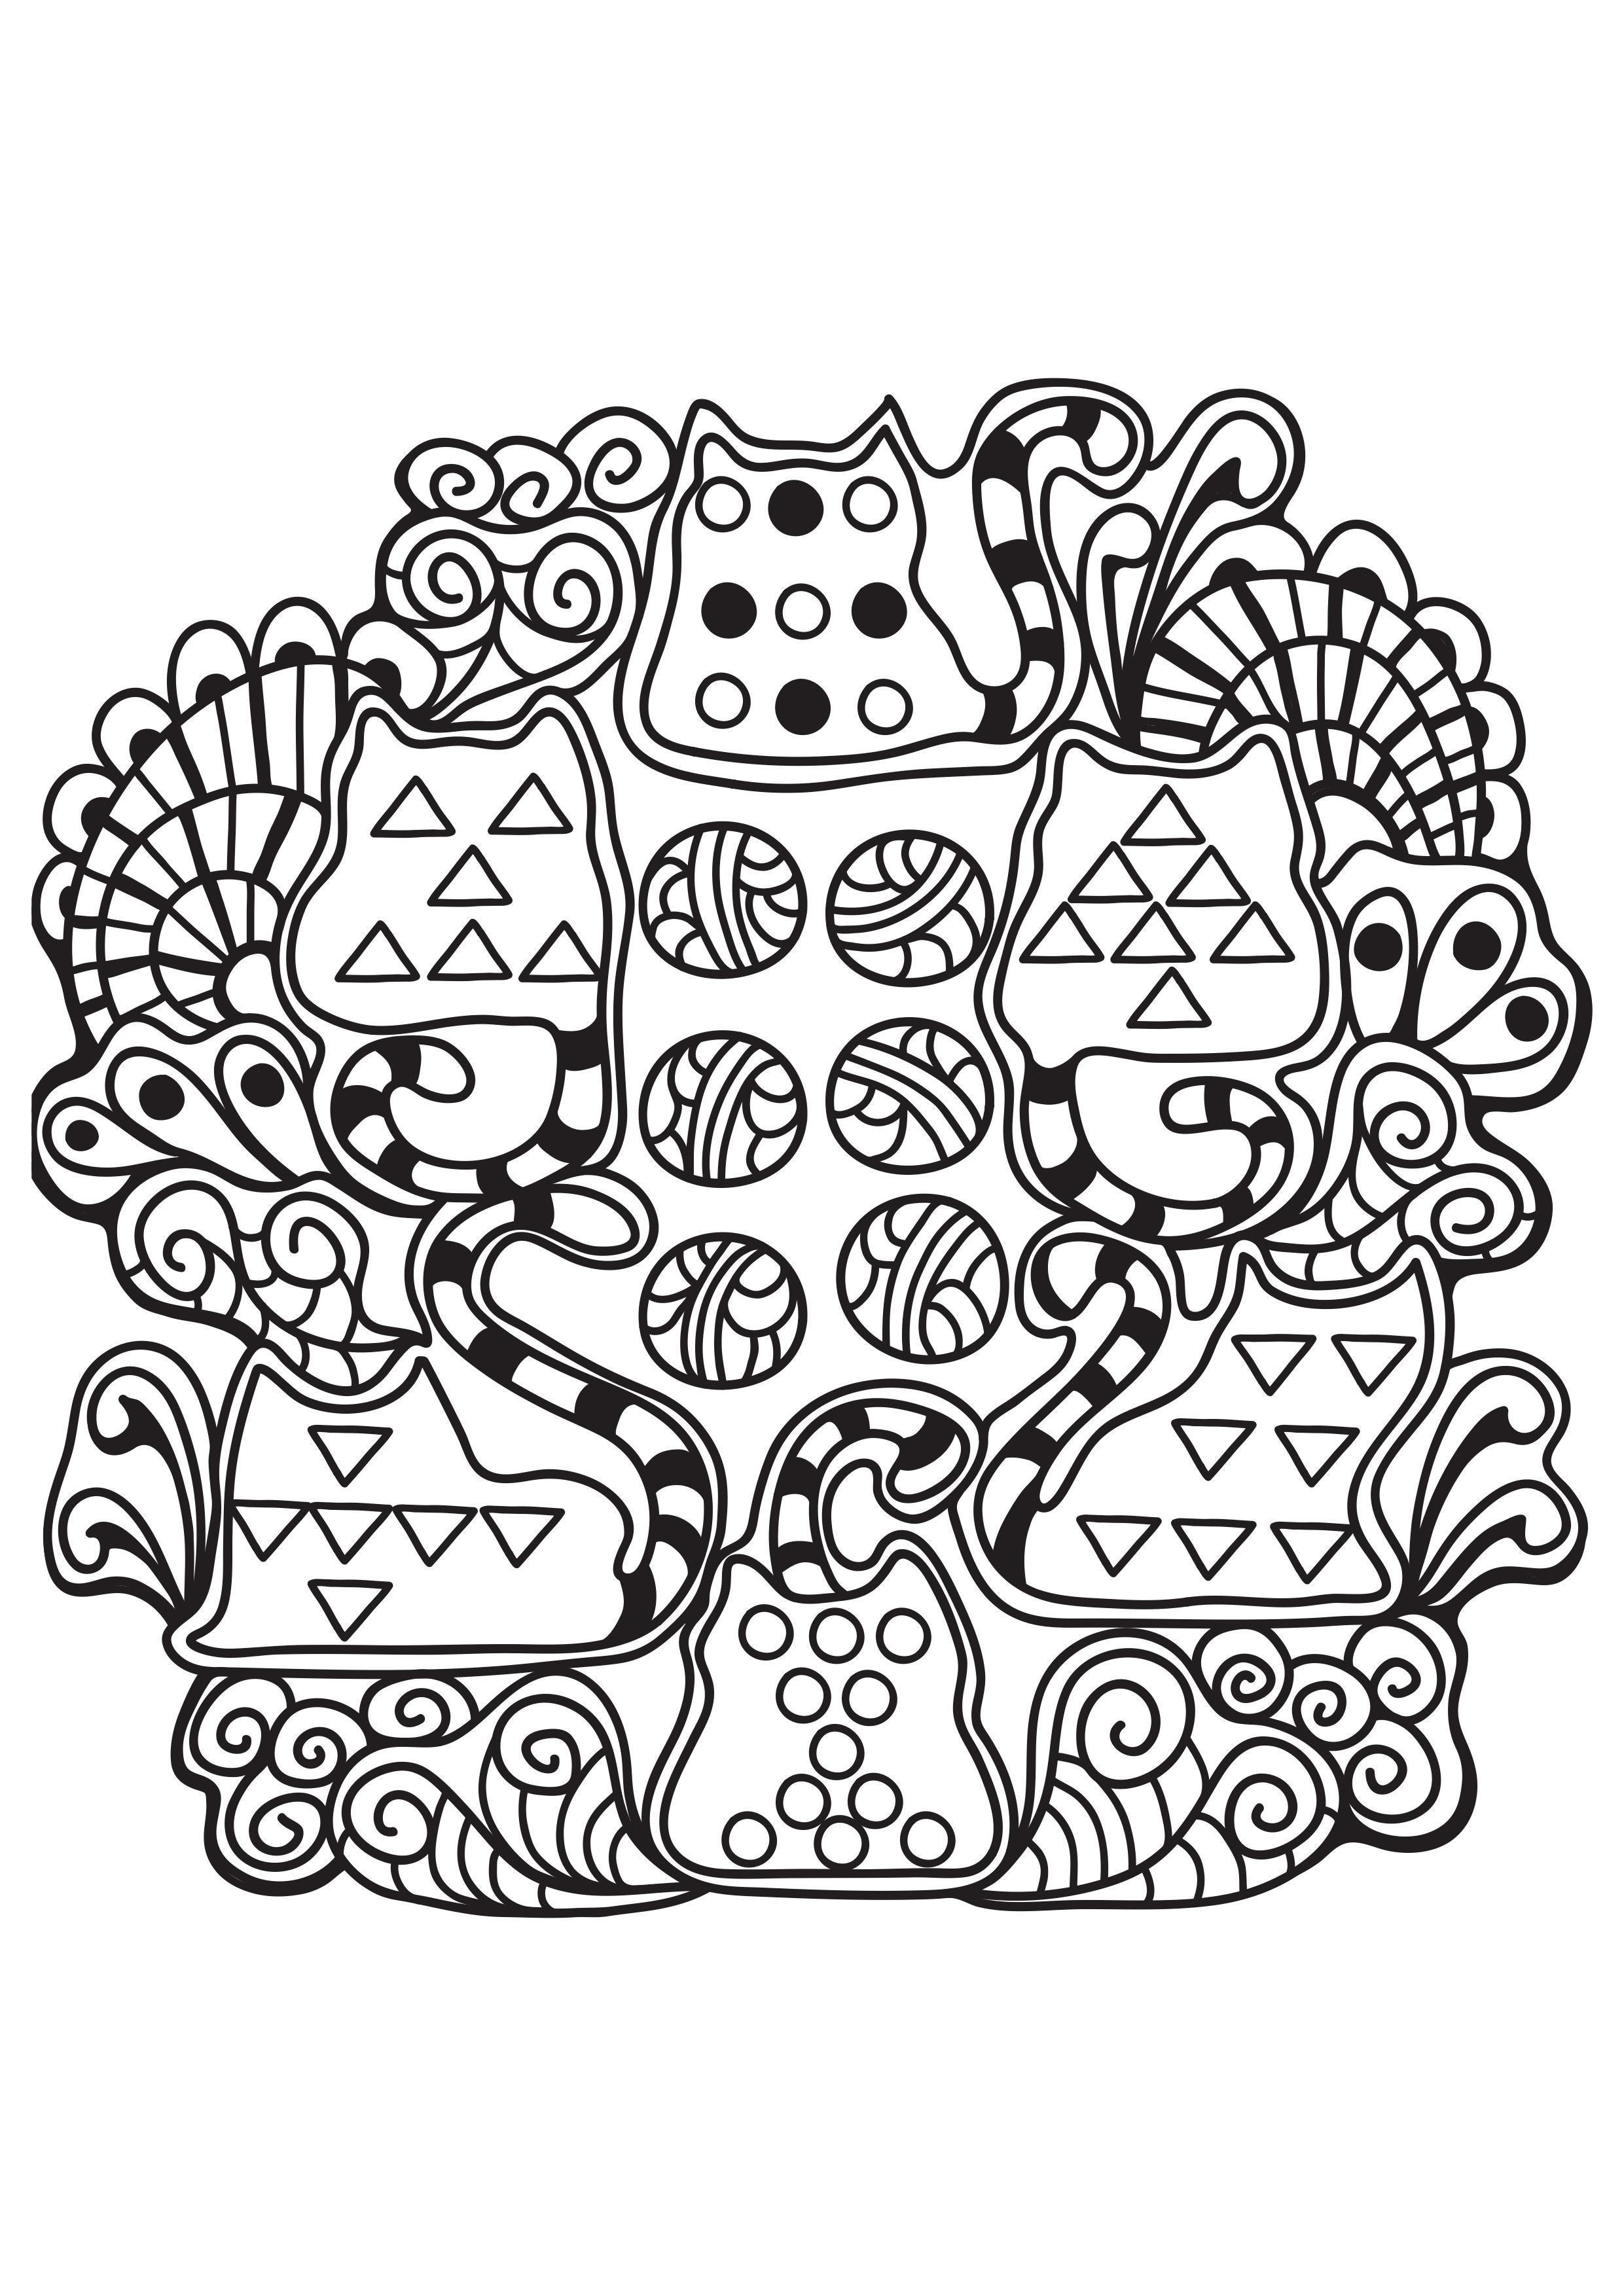 Malvorlage Katzen Mandala - Kostenlose Ausmalbilder Zum Ausdrucken